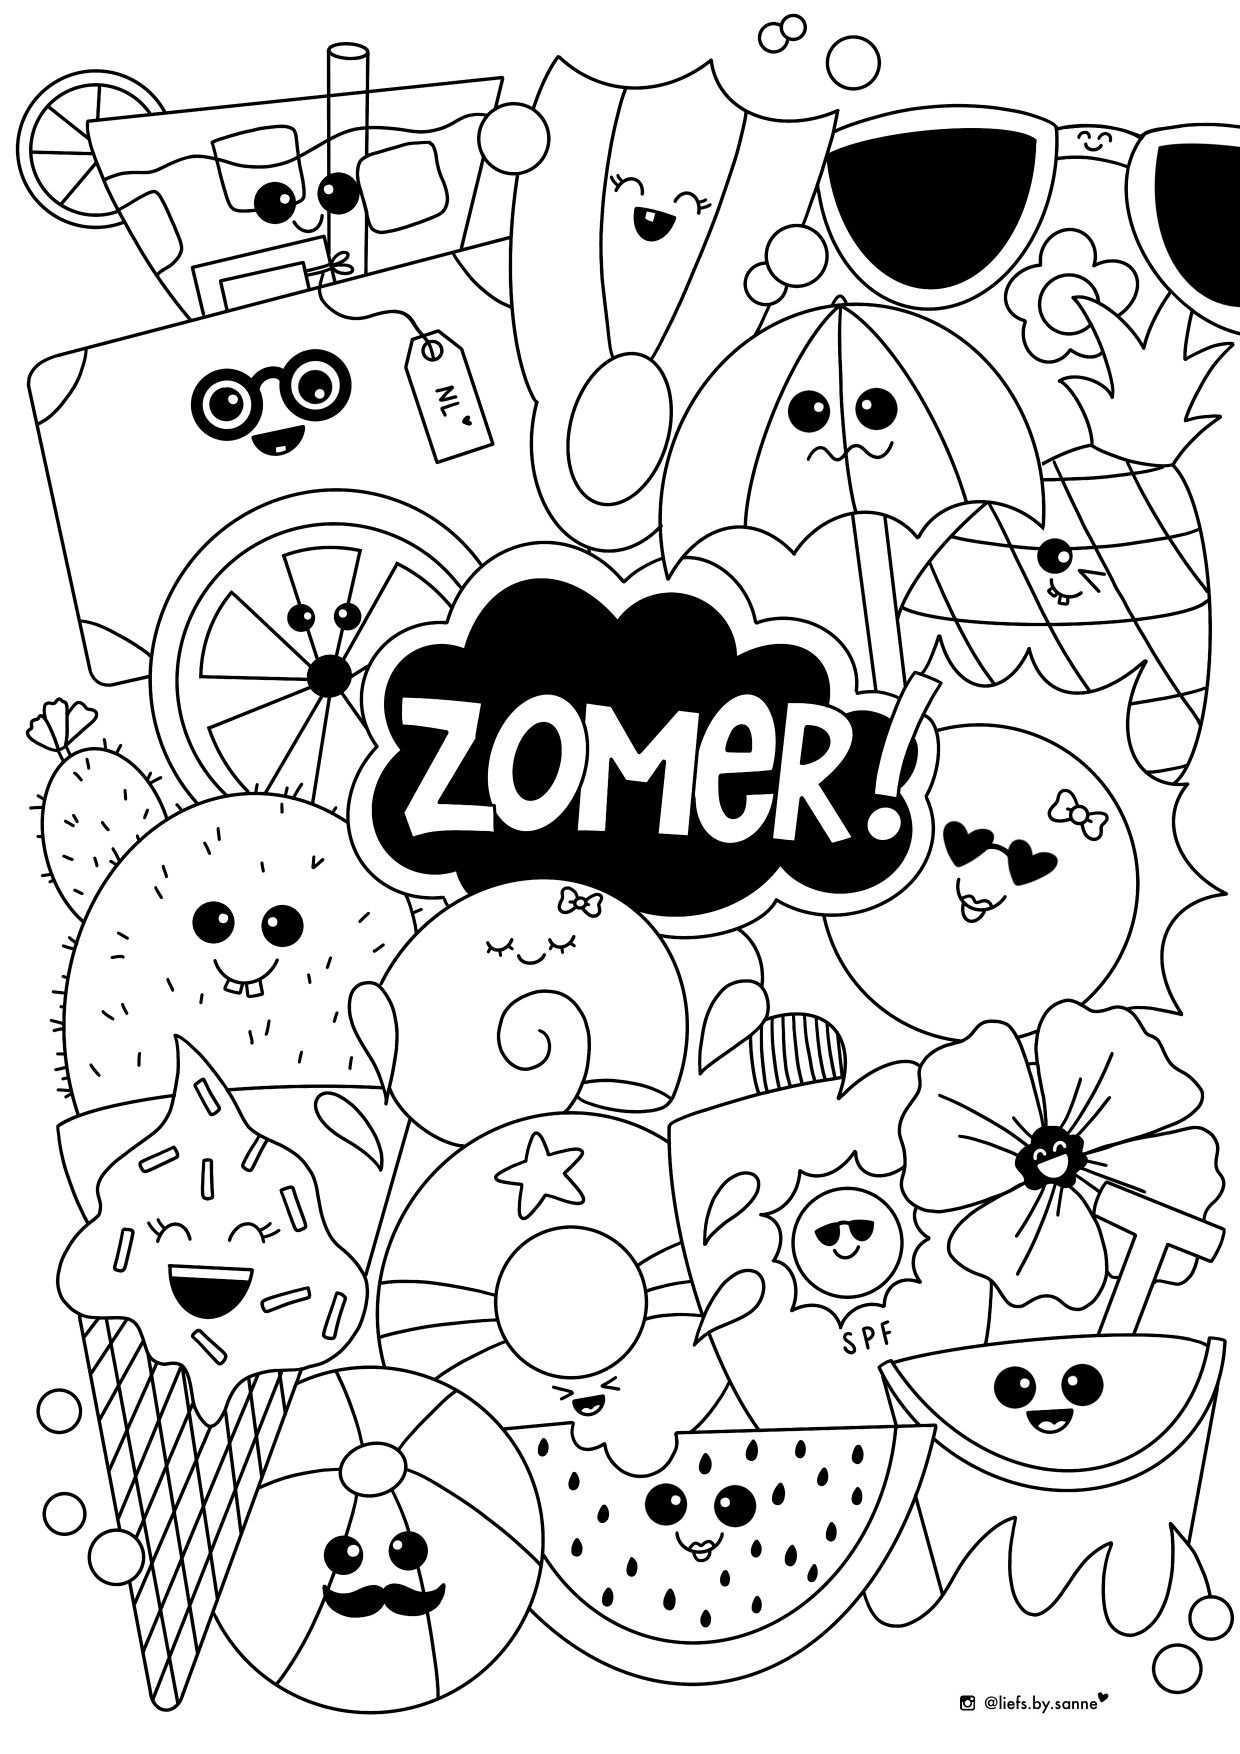 Zomer Summer Kleurplaat Coloring Page In 2020 Tekenlessenplannen Kleurplaten Knutselideeen